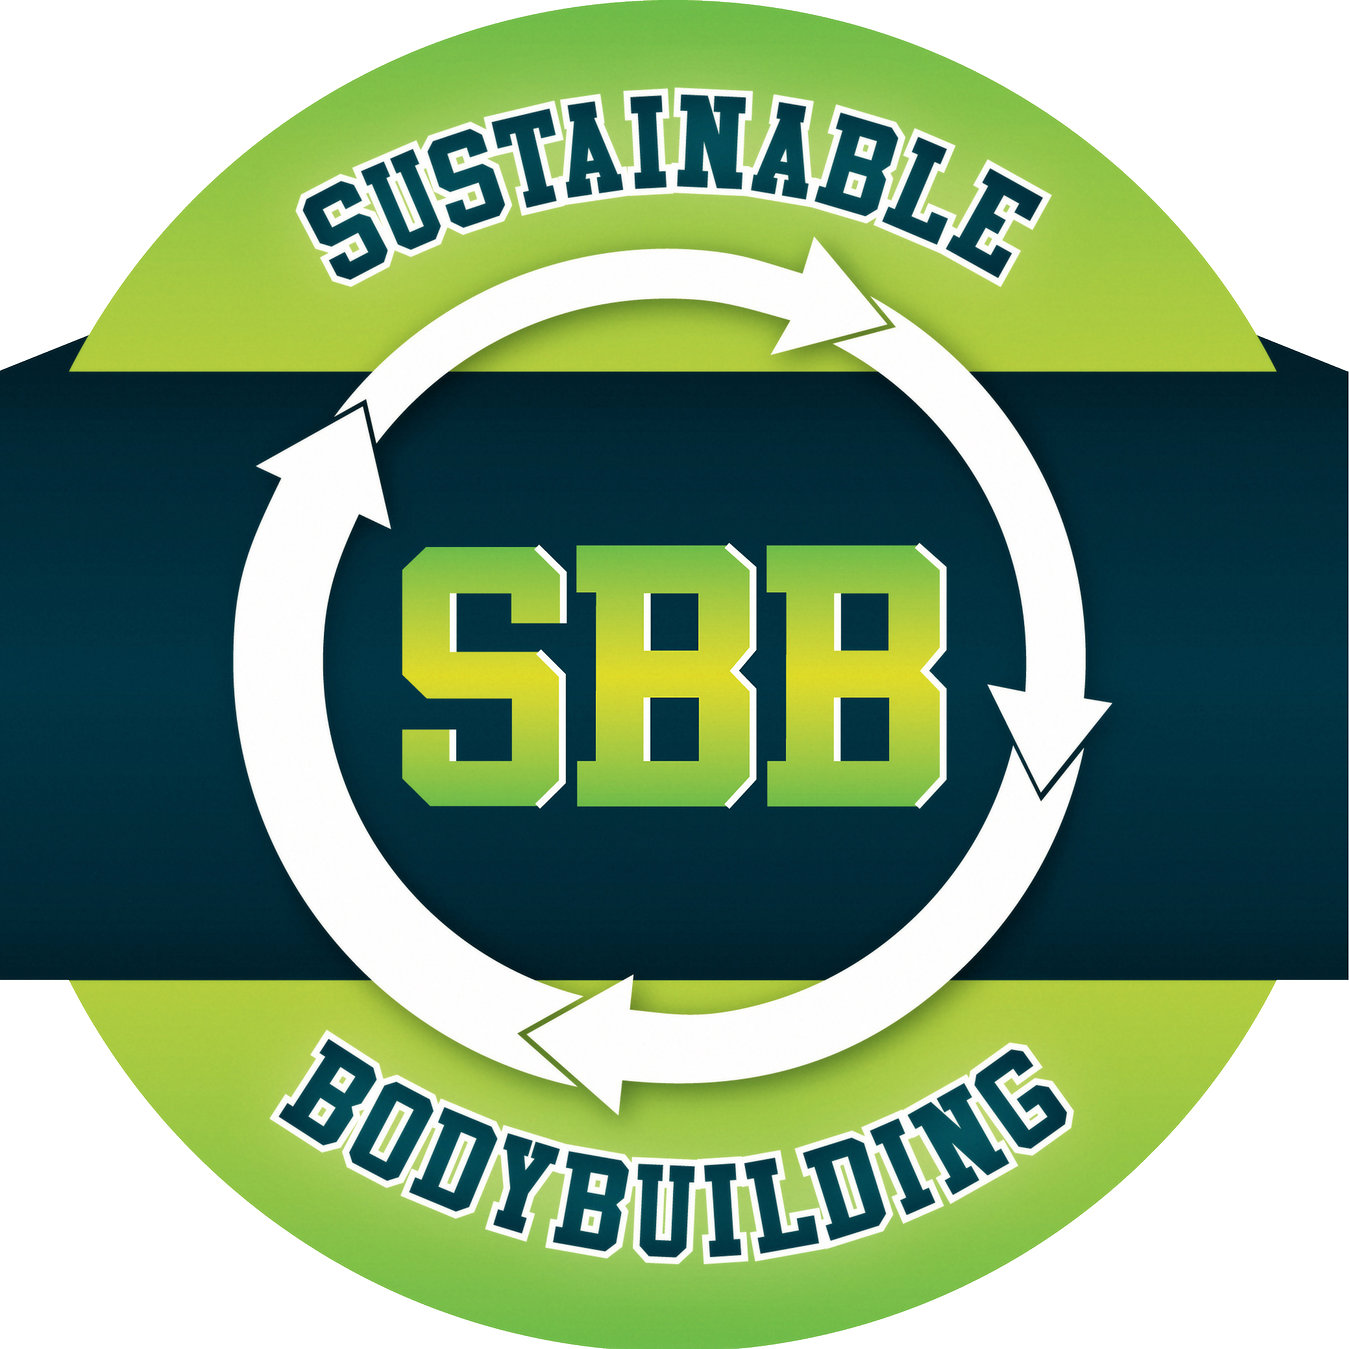 sustainablebb